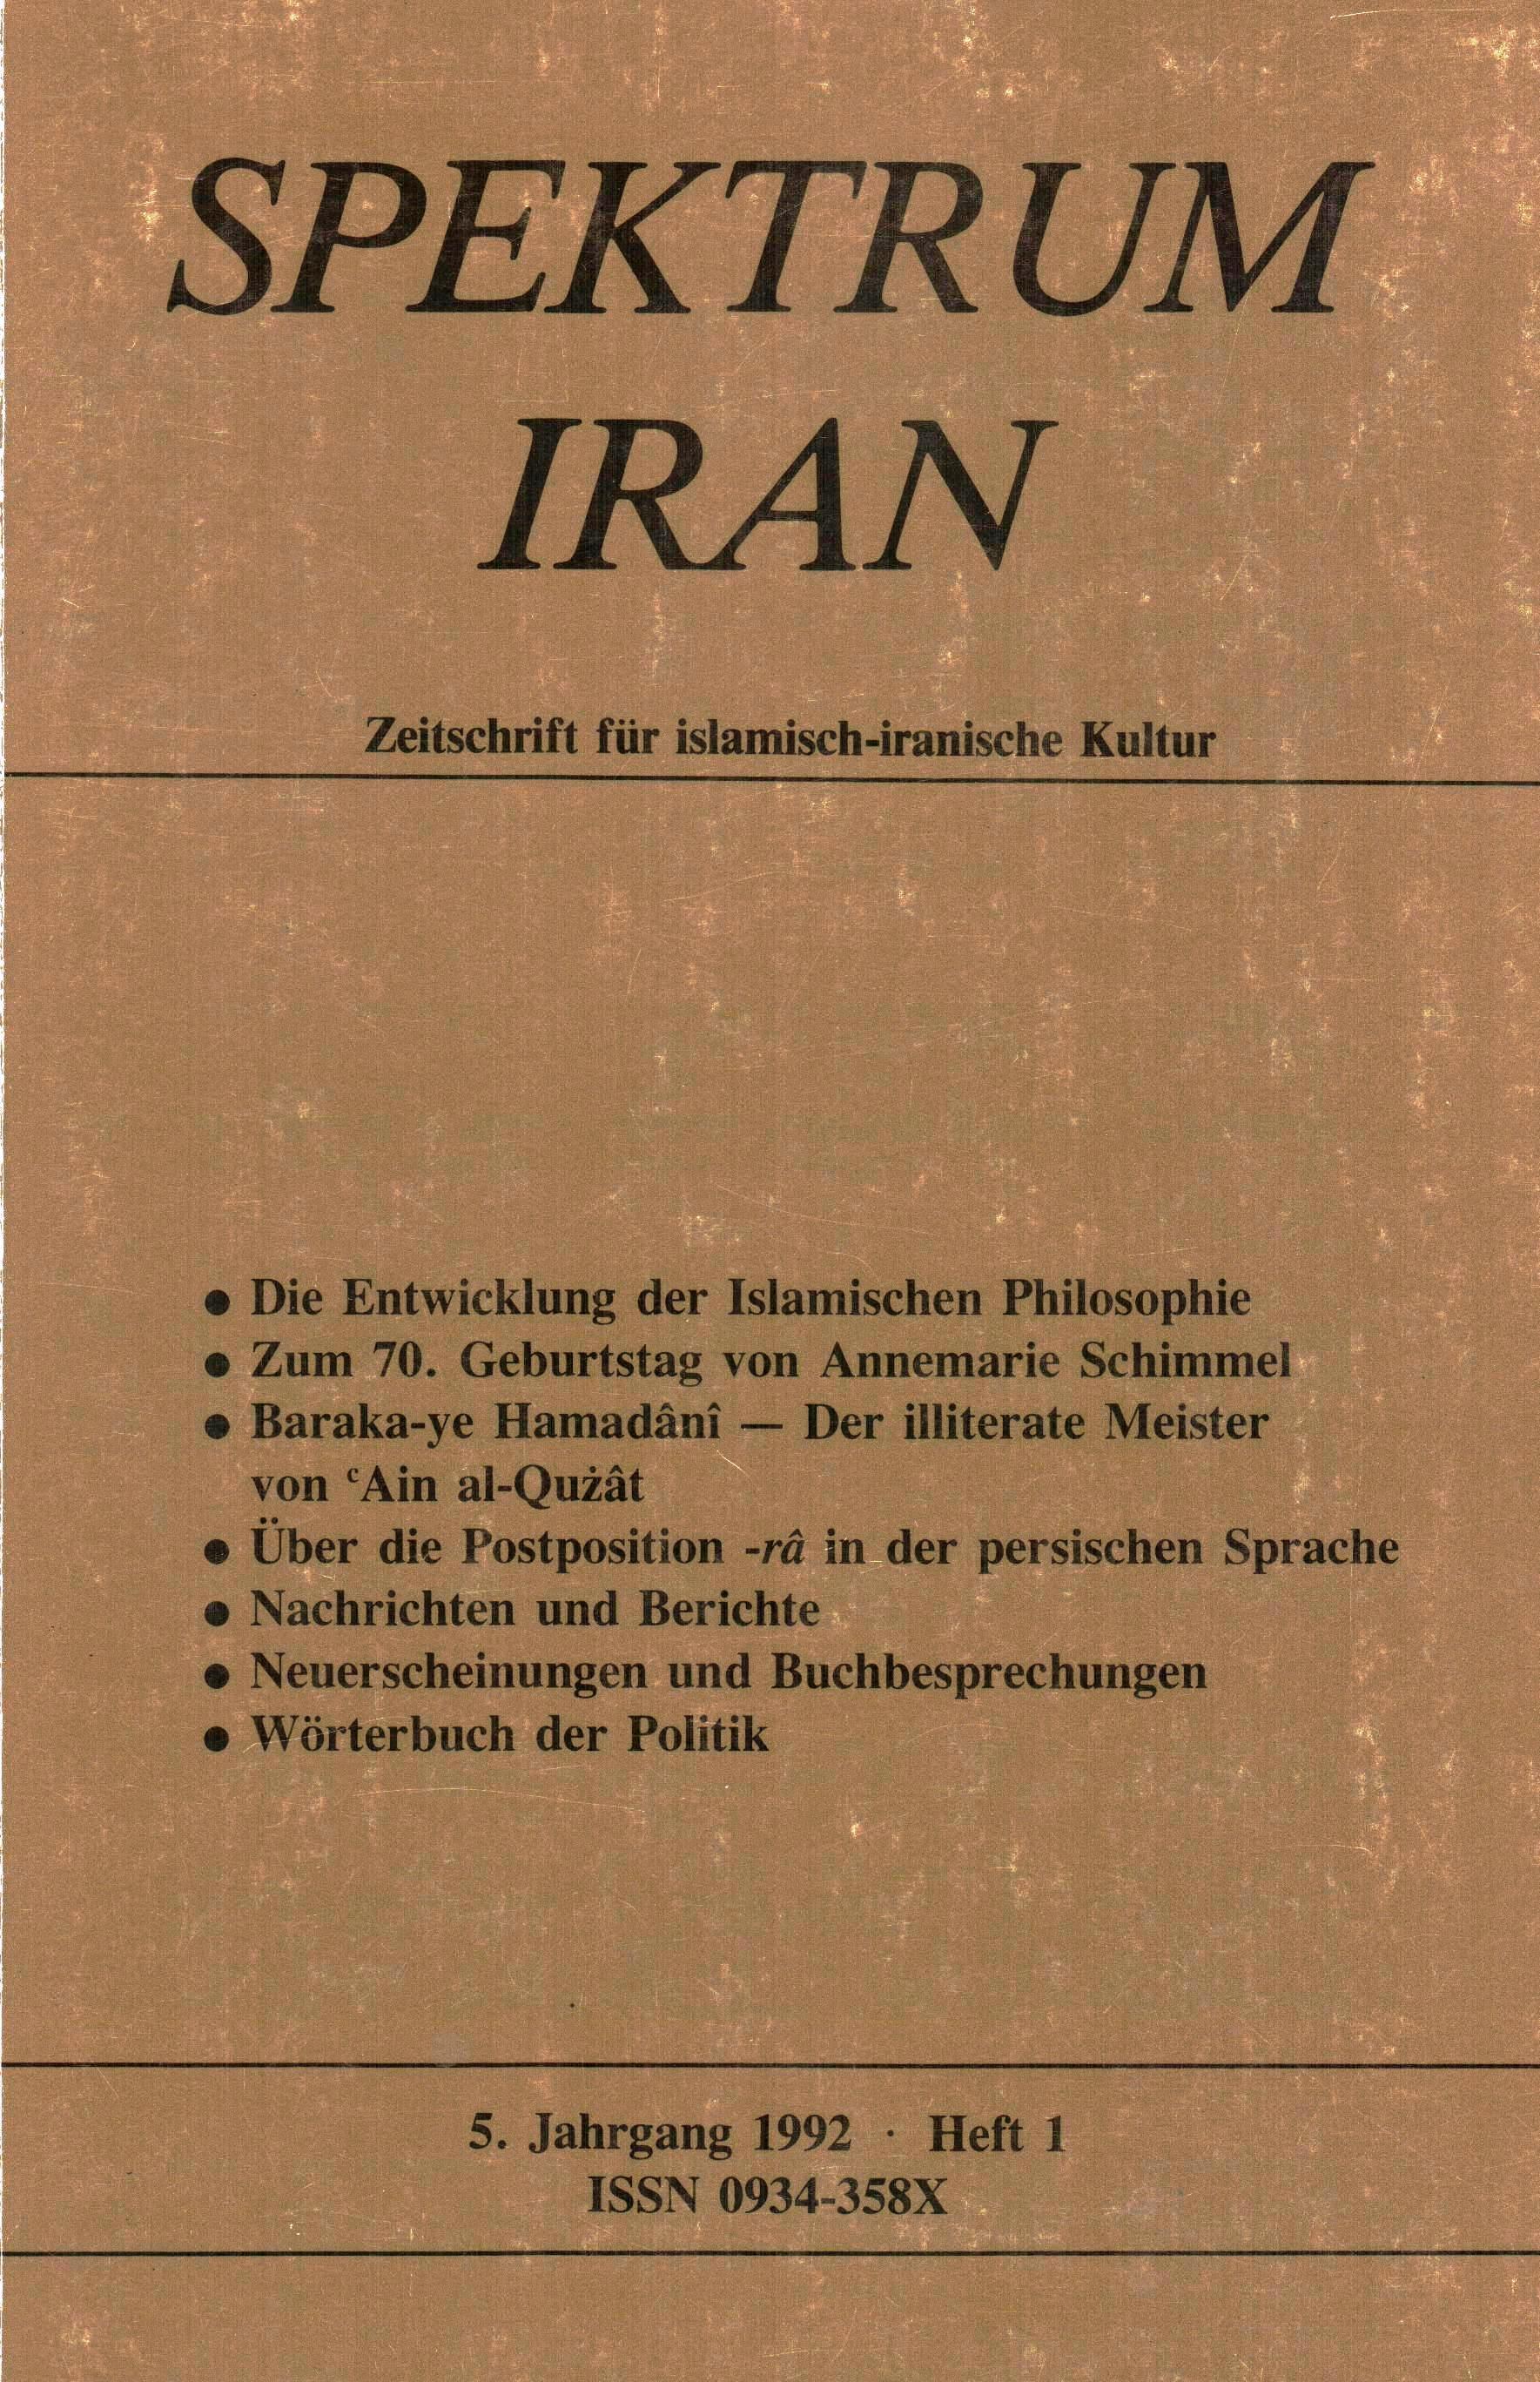 Spektrum Iran 1 - 1992